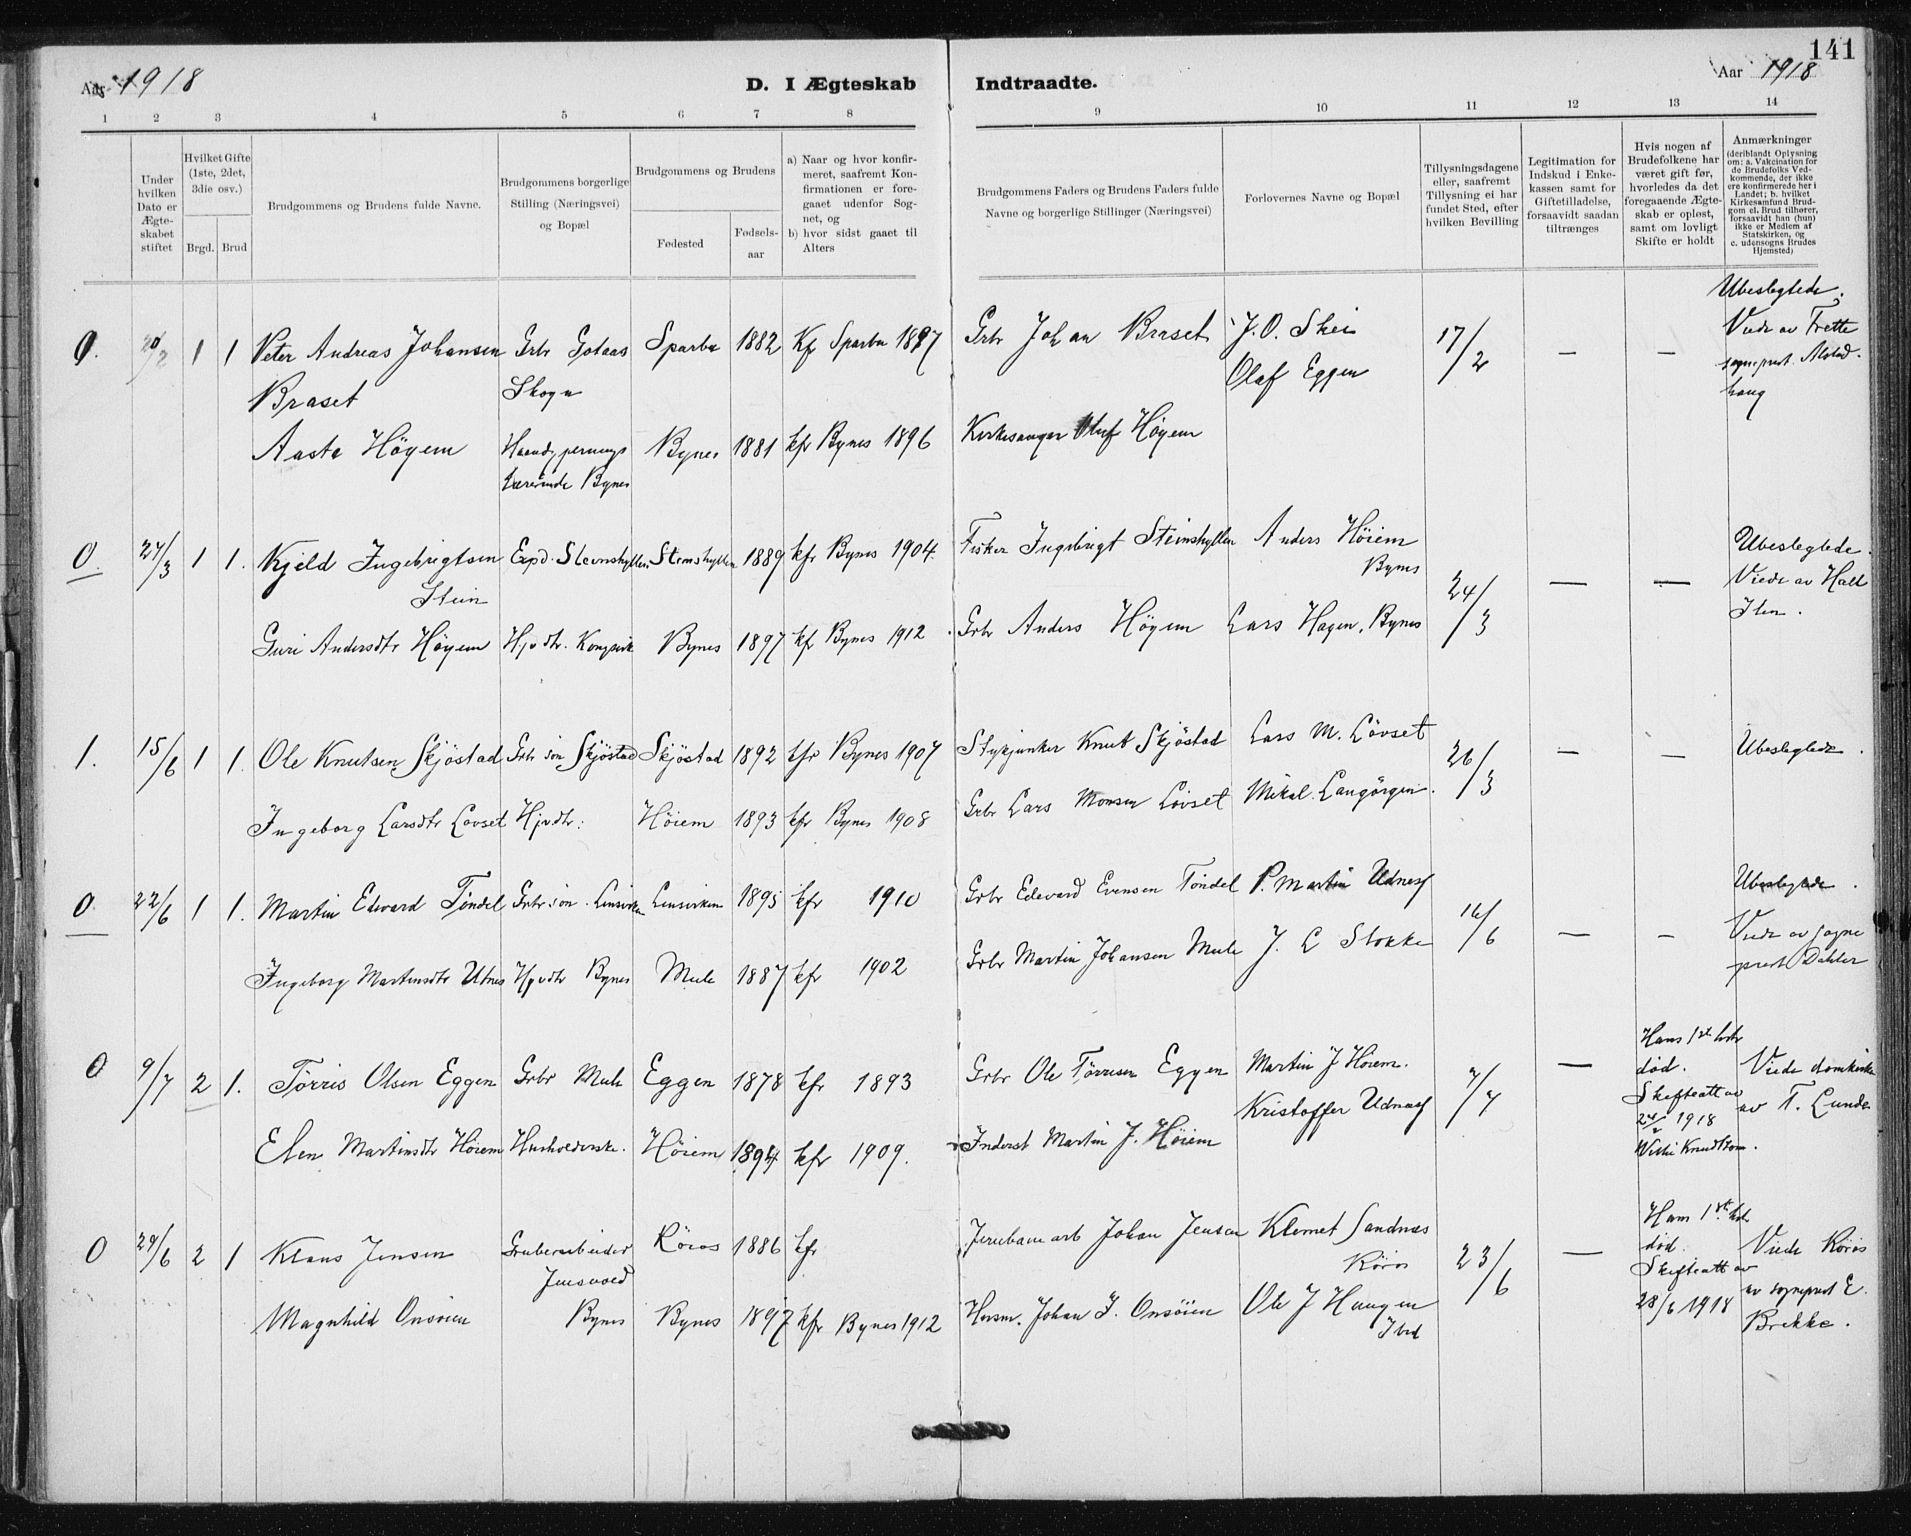 SAT, Ministerialprotokoller, klokkerbøker og fødselsregistre - Sør-Trøndelag, 612/L0381: Ministerialbok nr. 612A13, 1907-1923, s. 141